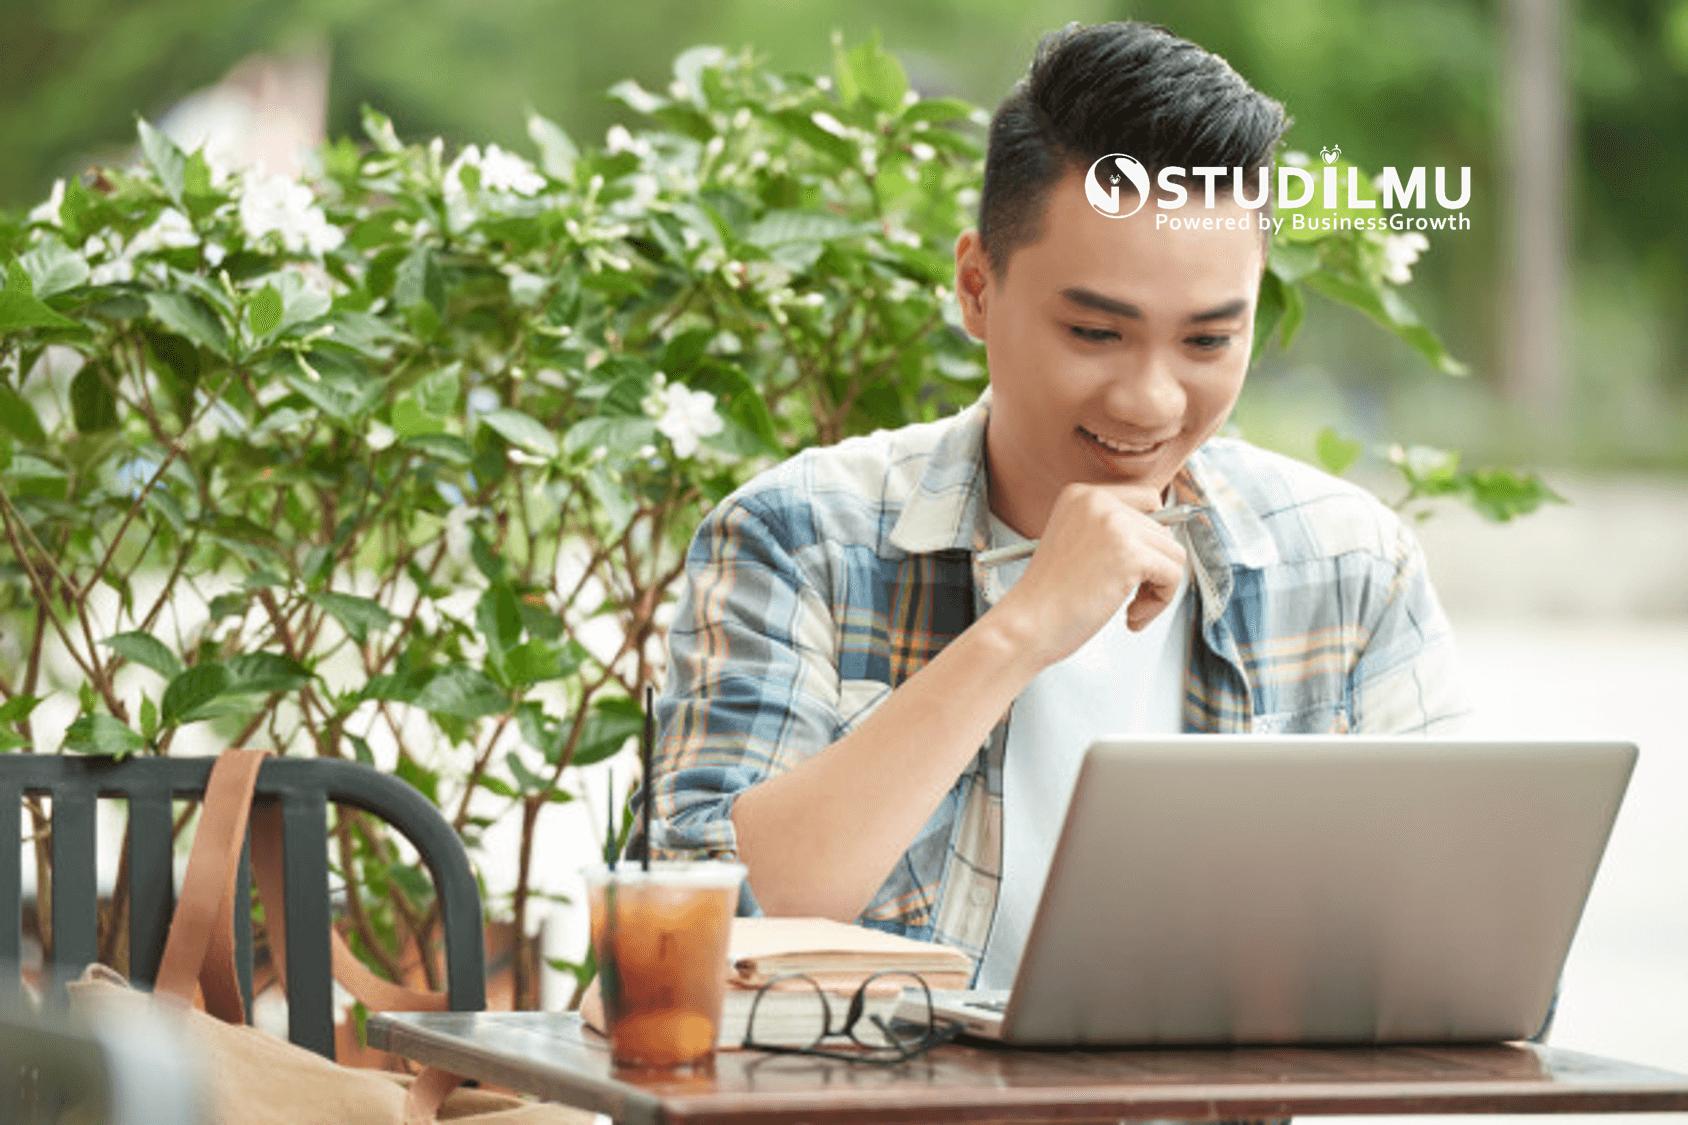 STUDILMU Career Advice - Kerja Online: Pengertian, Manfaat dan Contoh Kerja Online